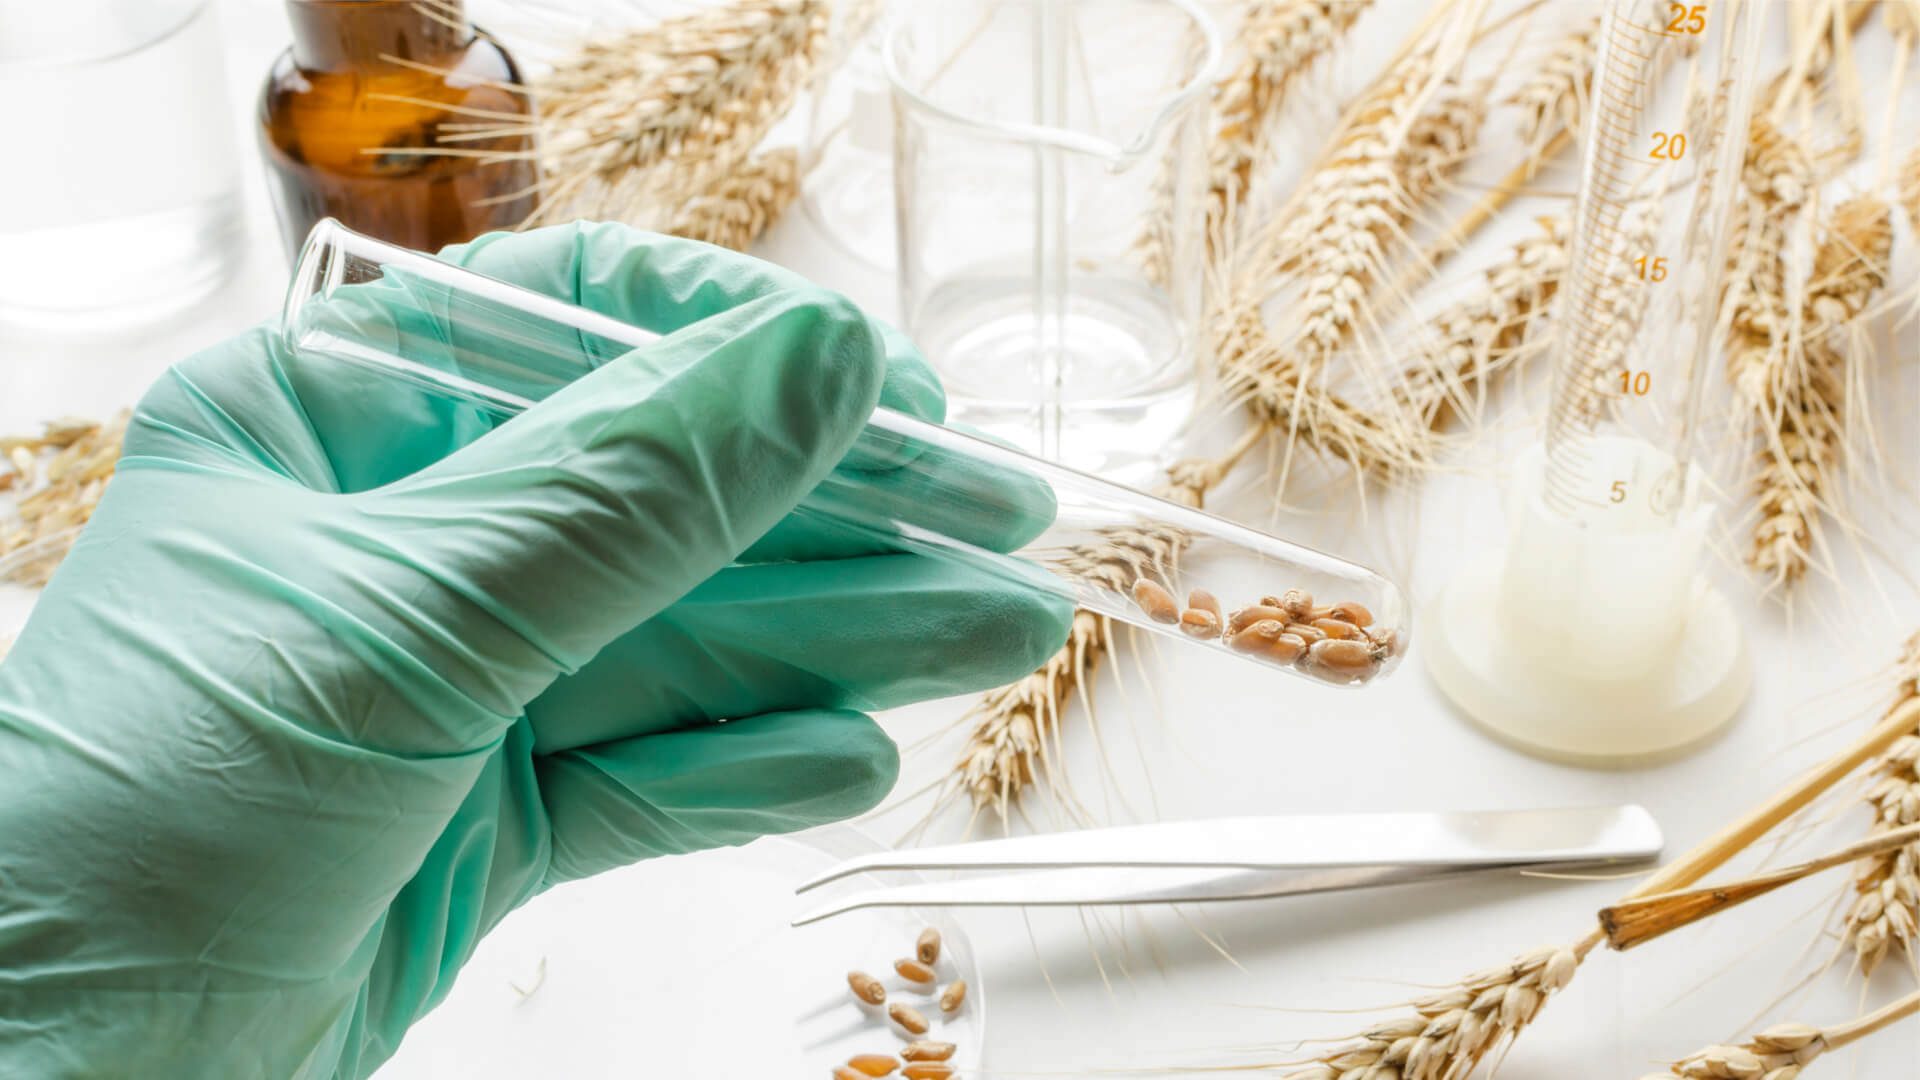 Unverträglichkeit gegen Gluten oder Weizen? Diese Tests helfen weiter